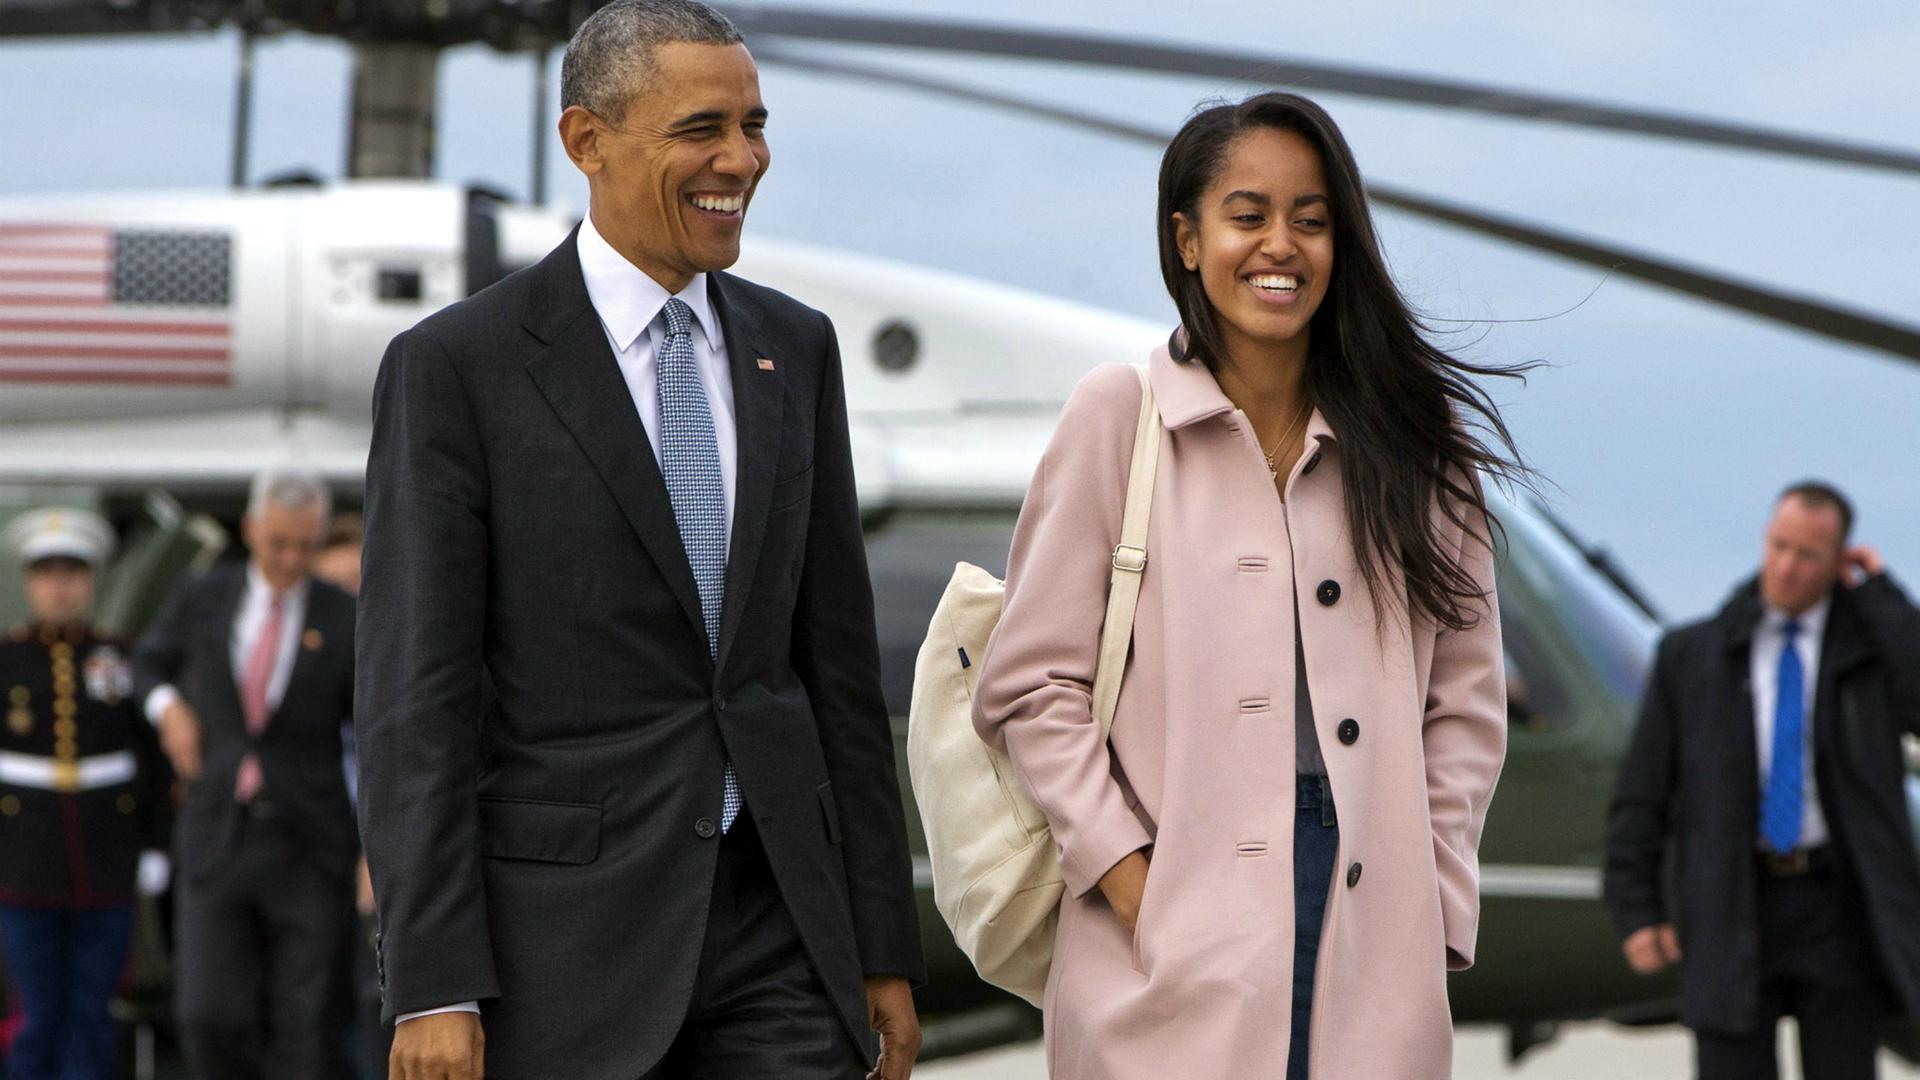 Malia Obama chooses Harvard University